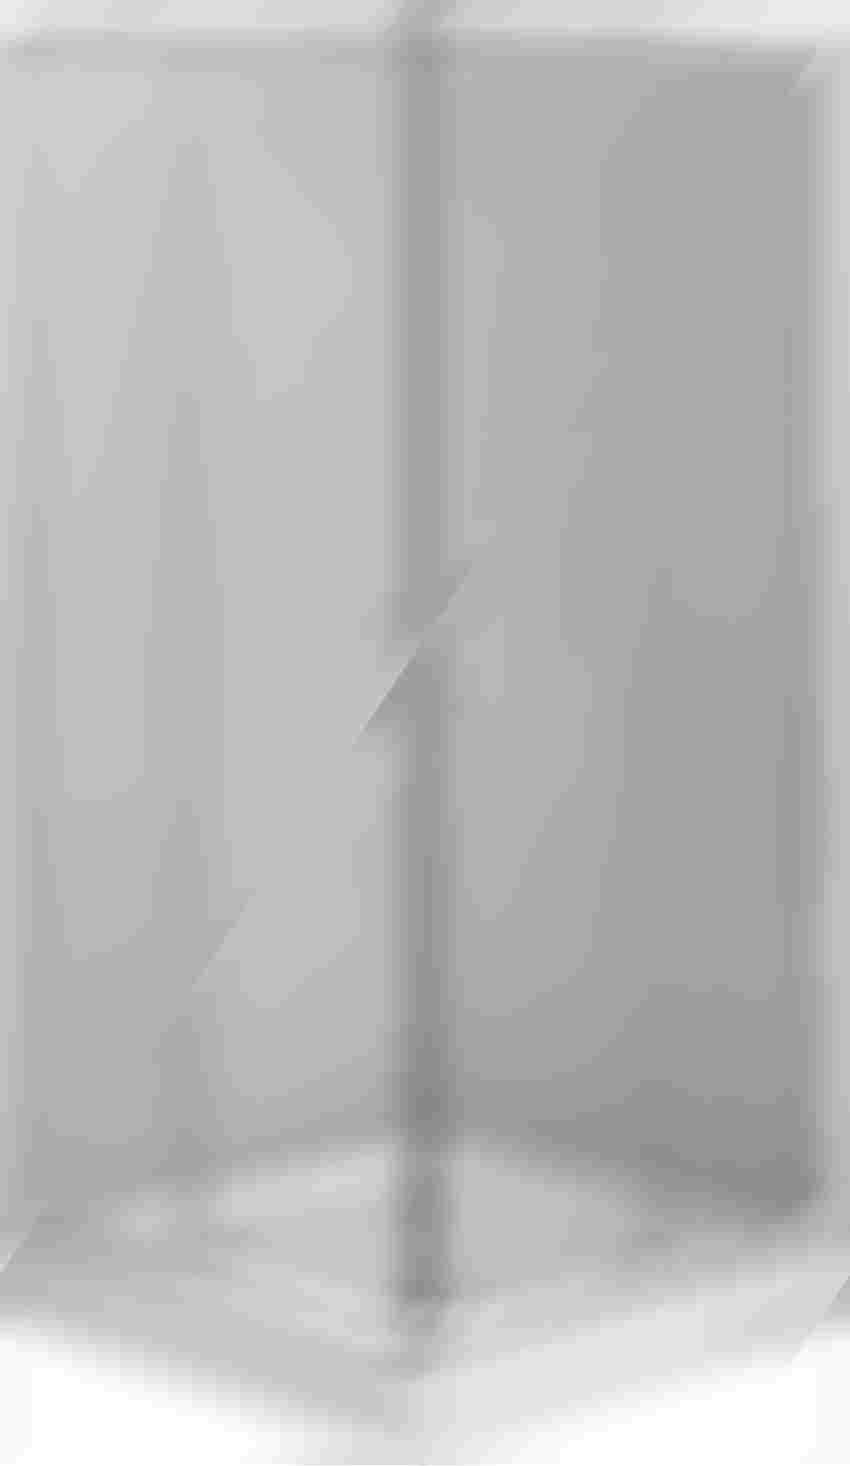 Kabina kwadratowa szkło transparentne Deante Funkia